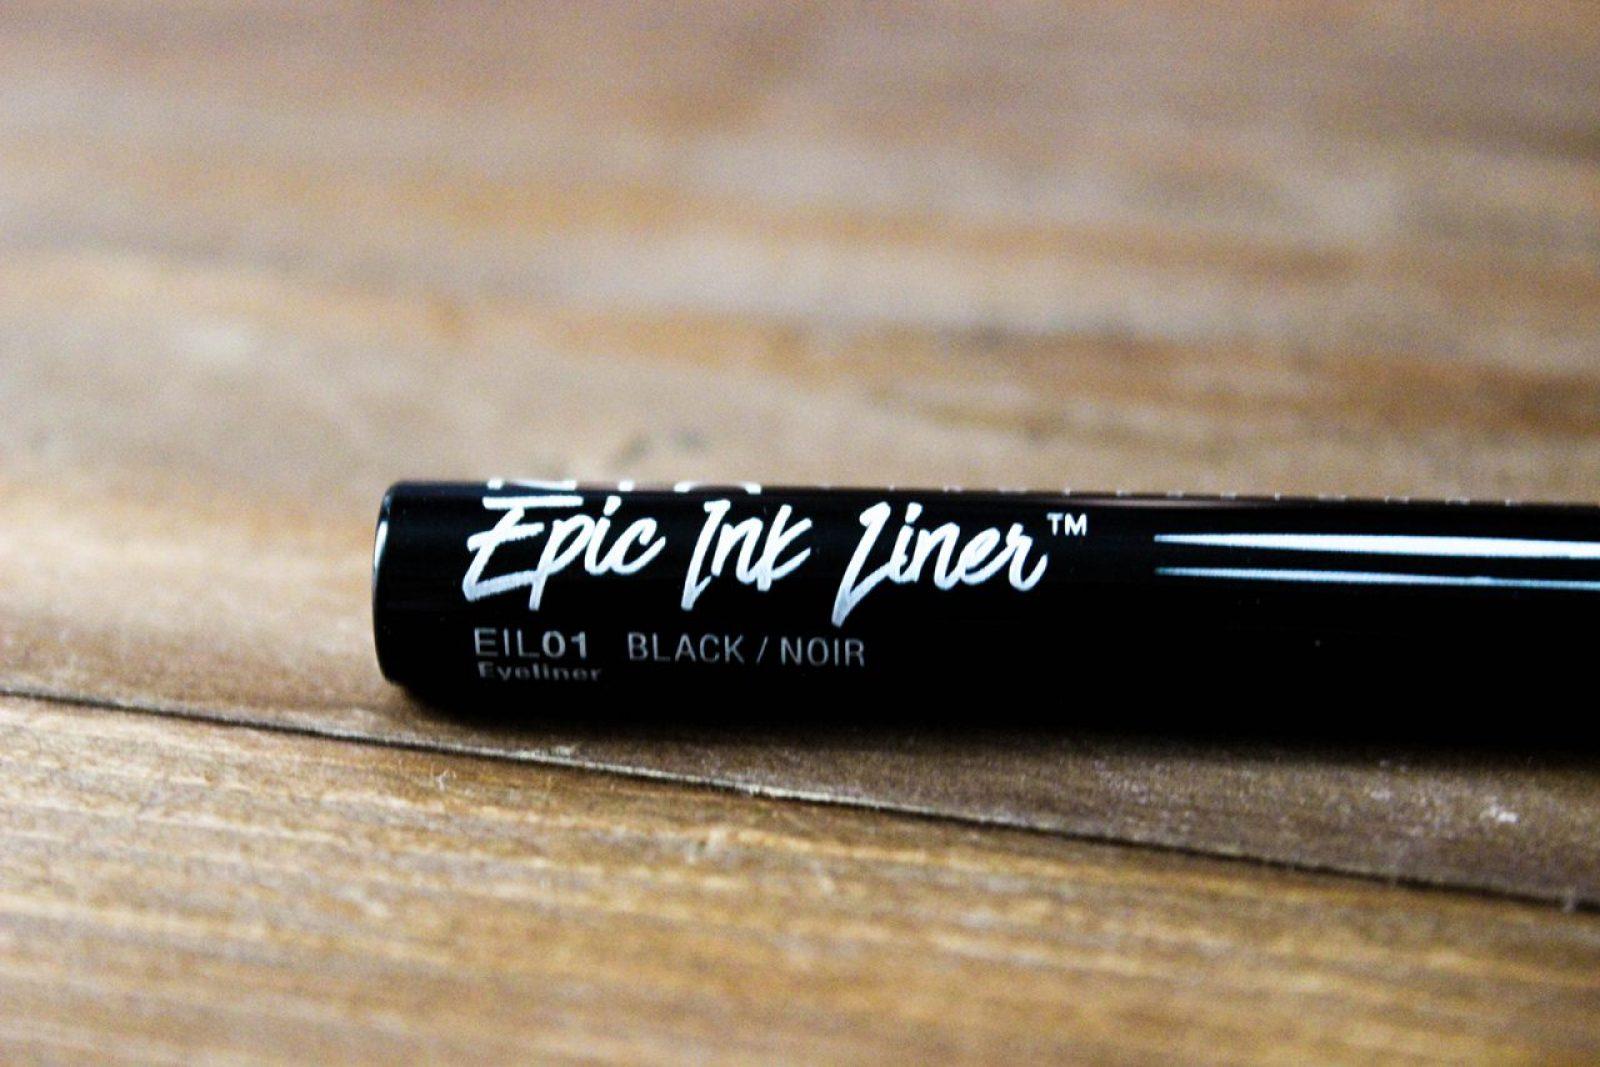 epic-link-liner-nyx-6